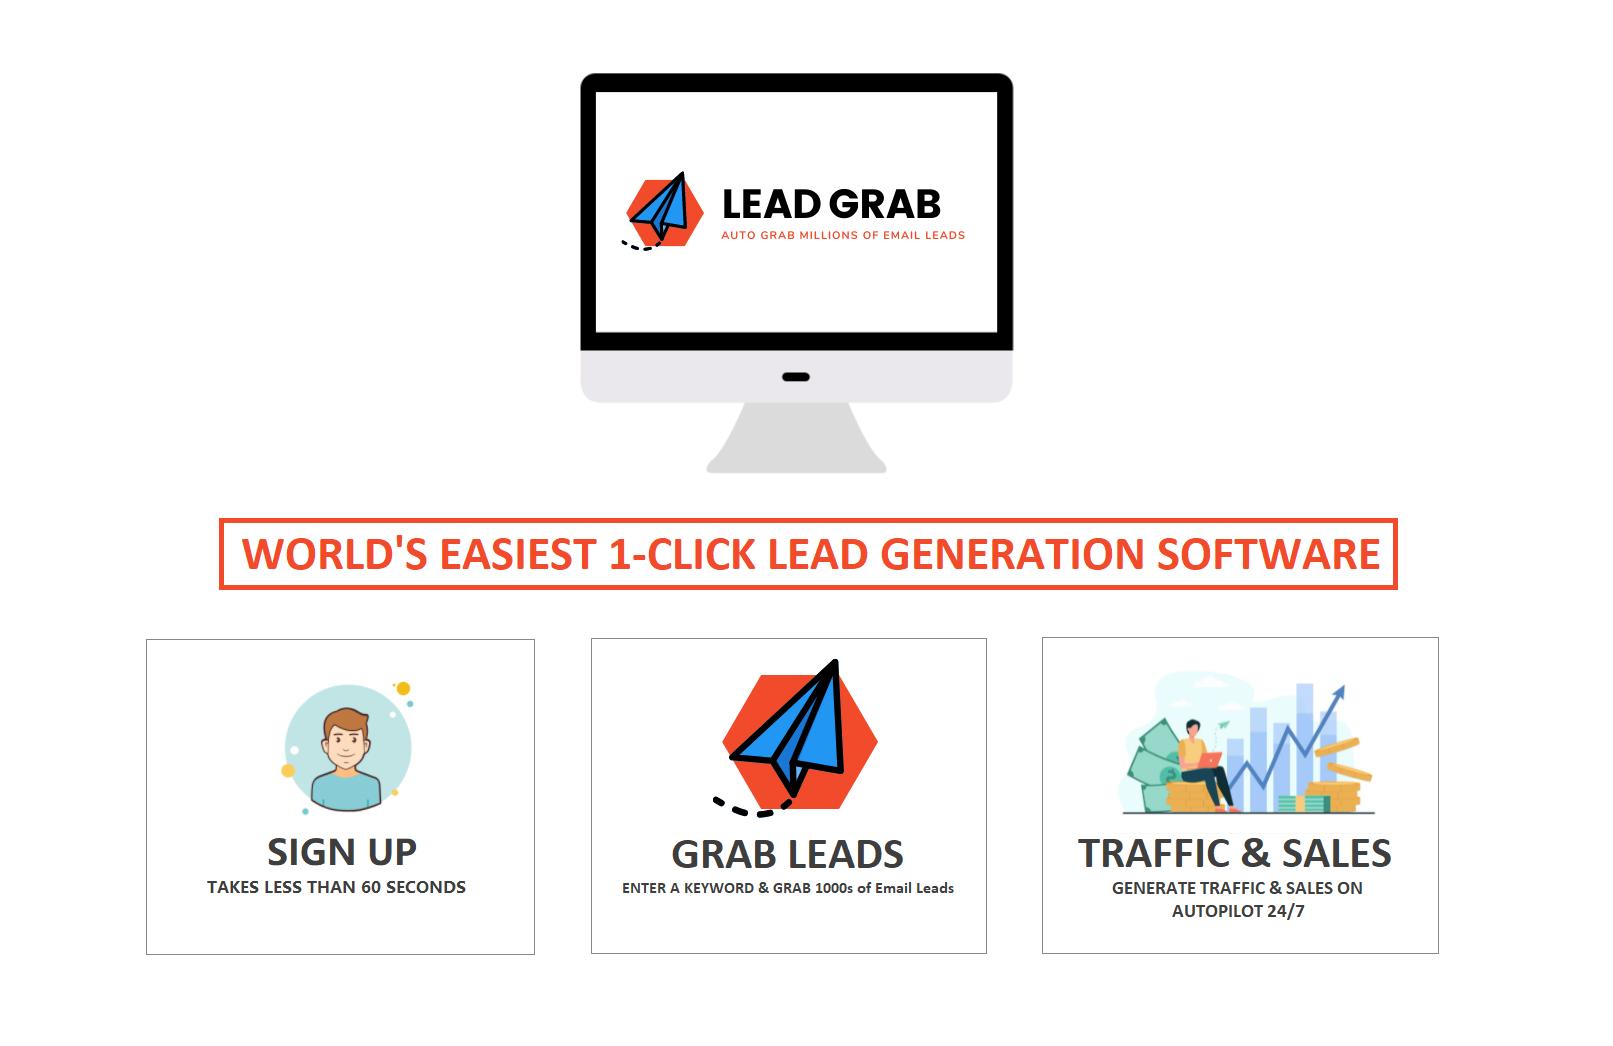 LEAD GRAB   LEADGRAB   Lead Generation